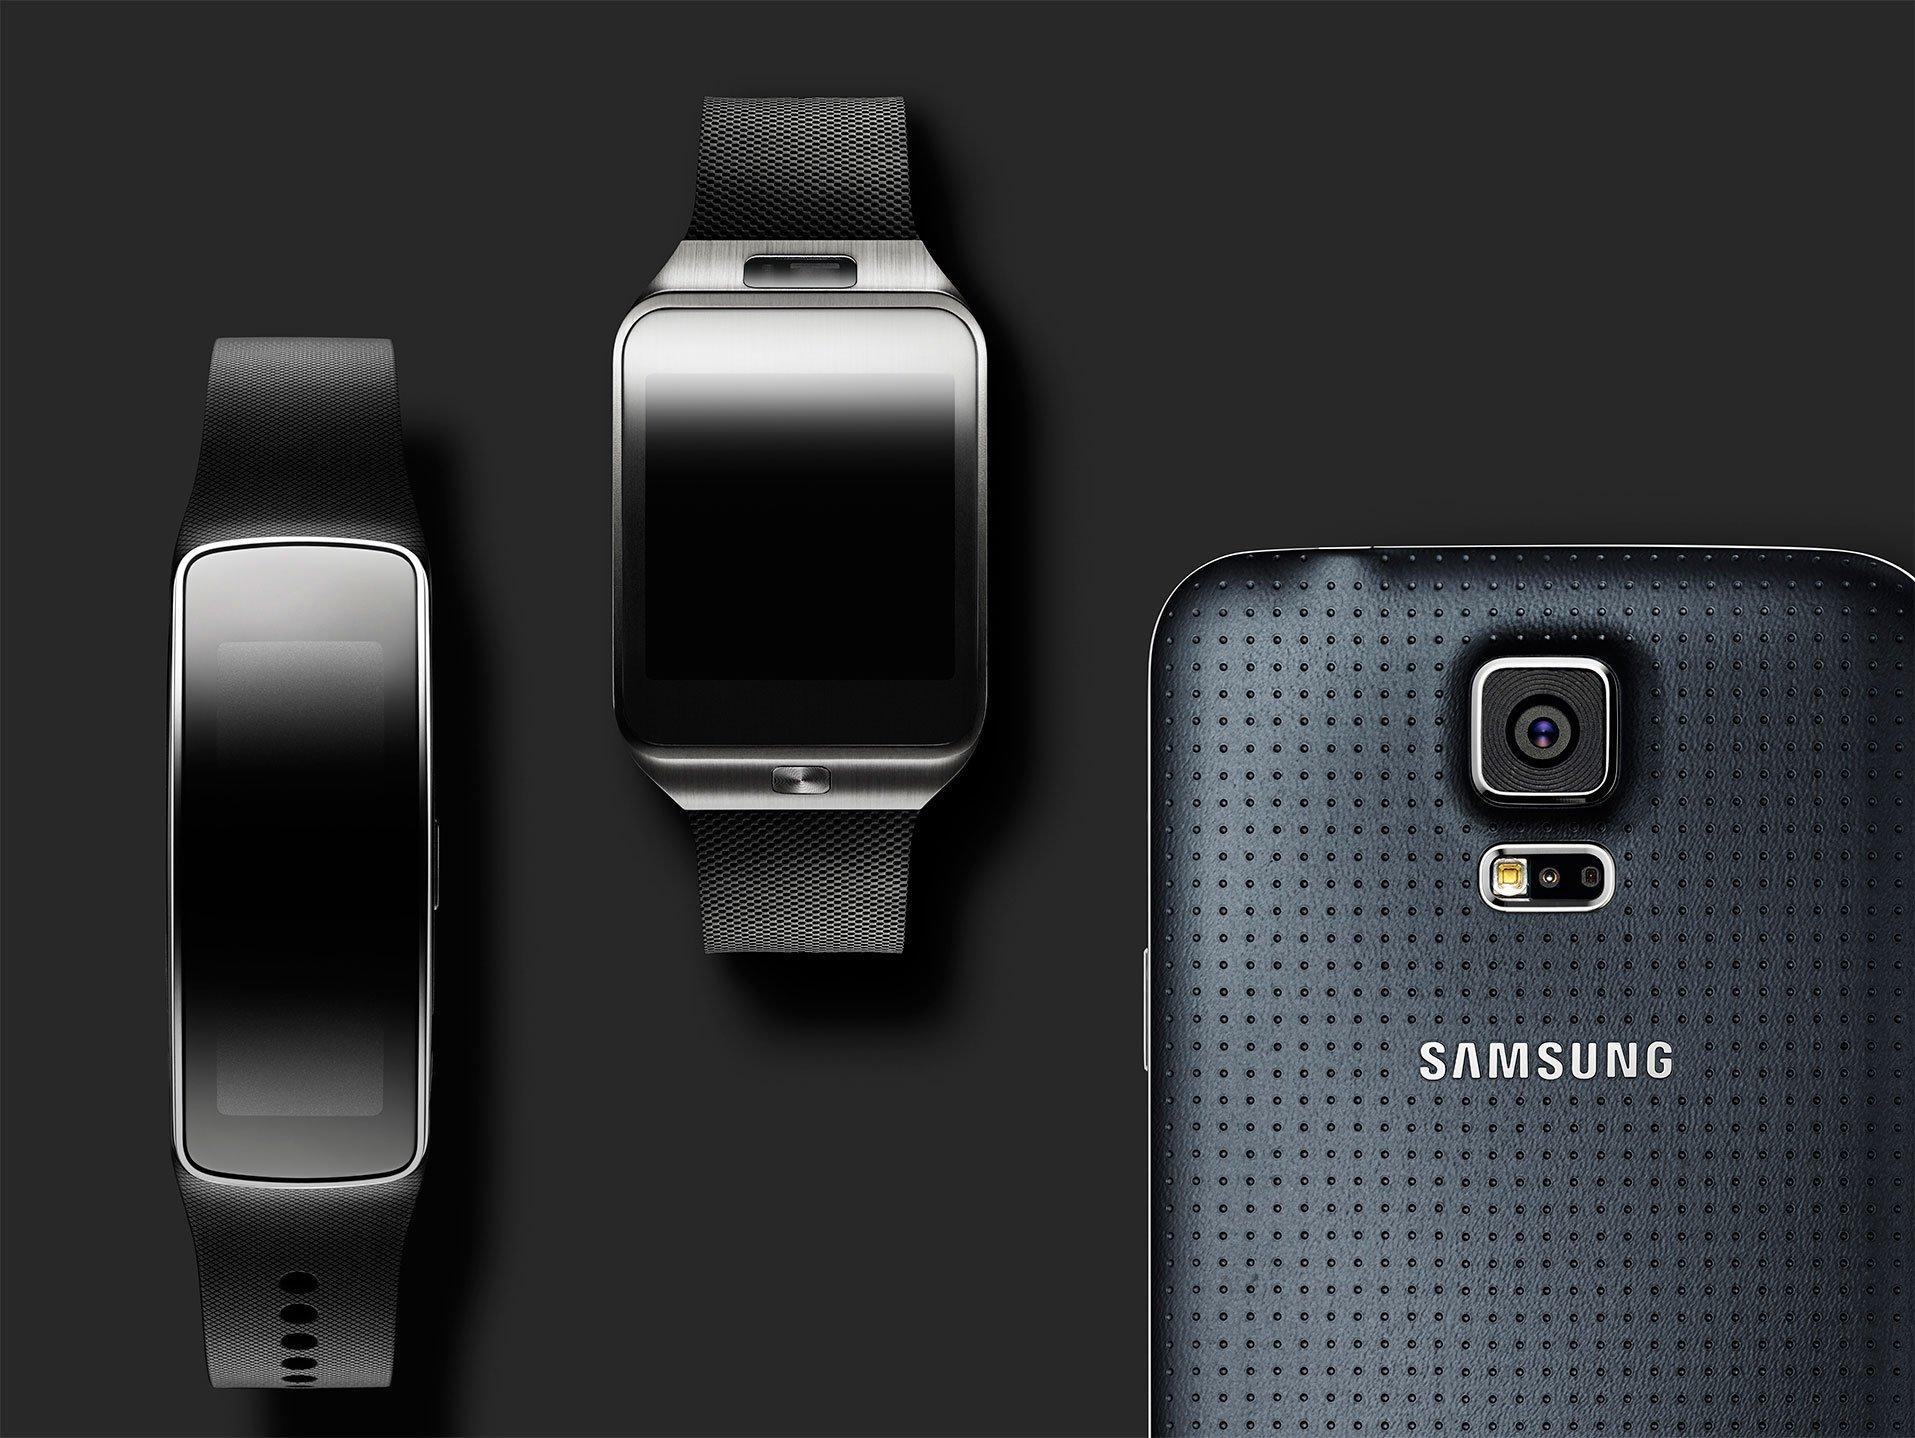 samsung-Glam-Gear-2-Fit-Galaxy-S5-siyah